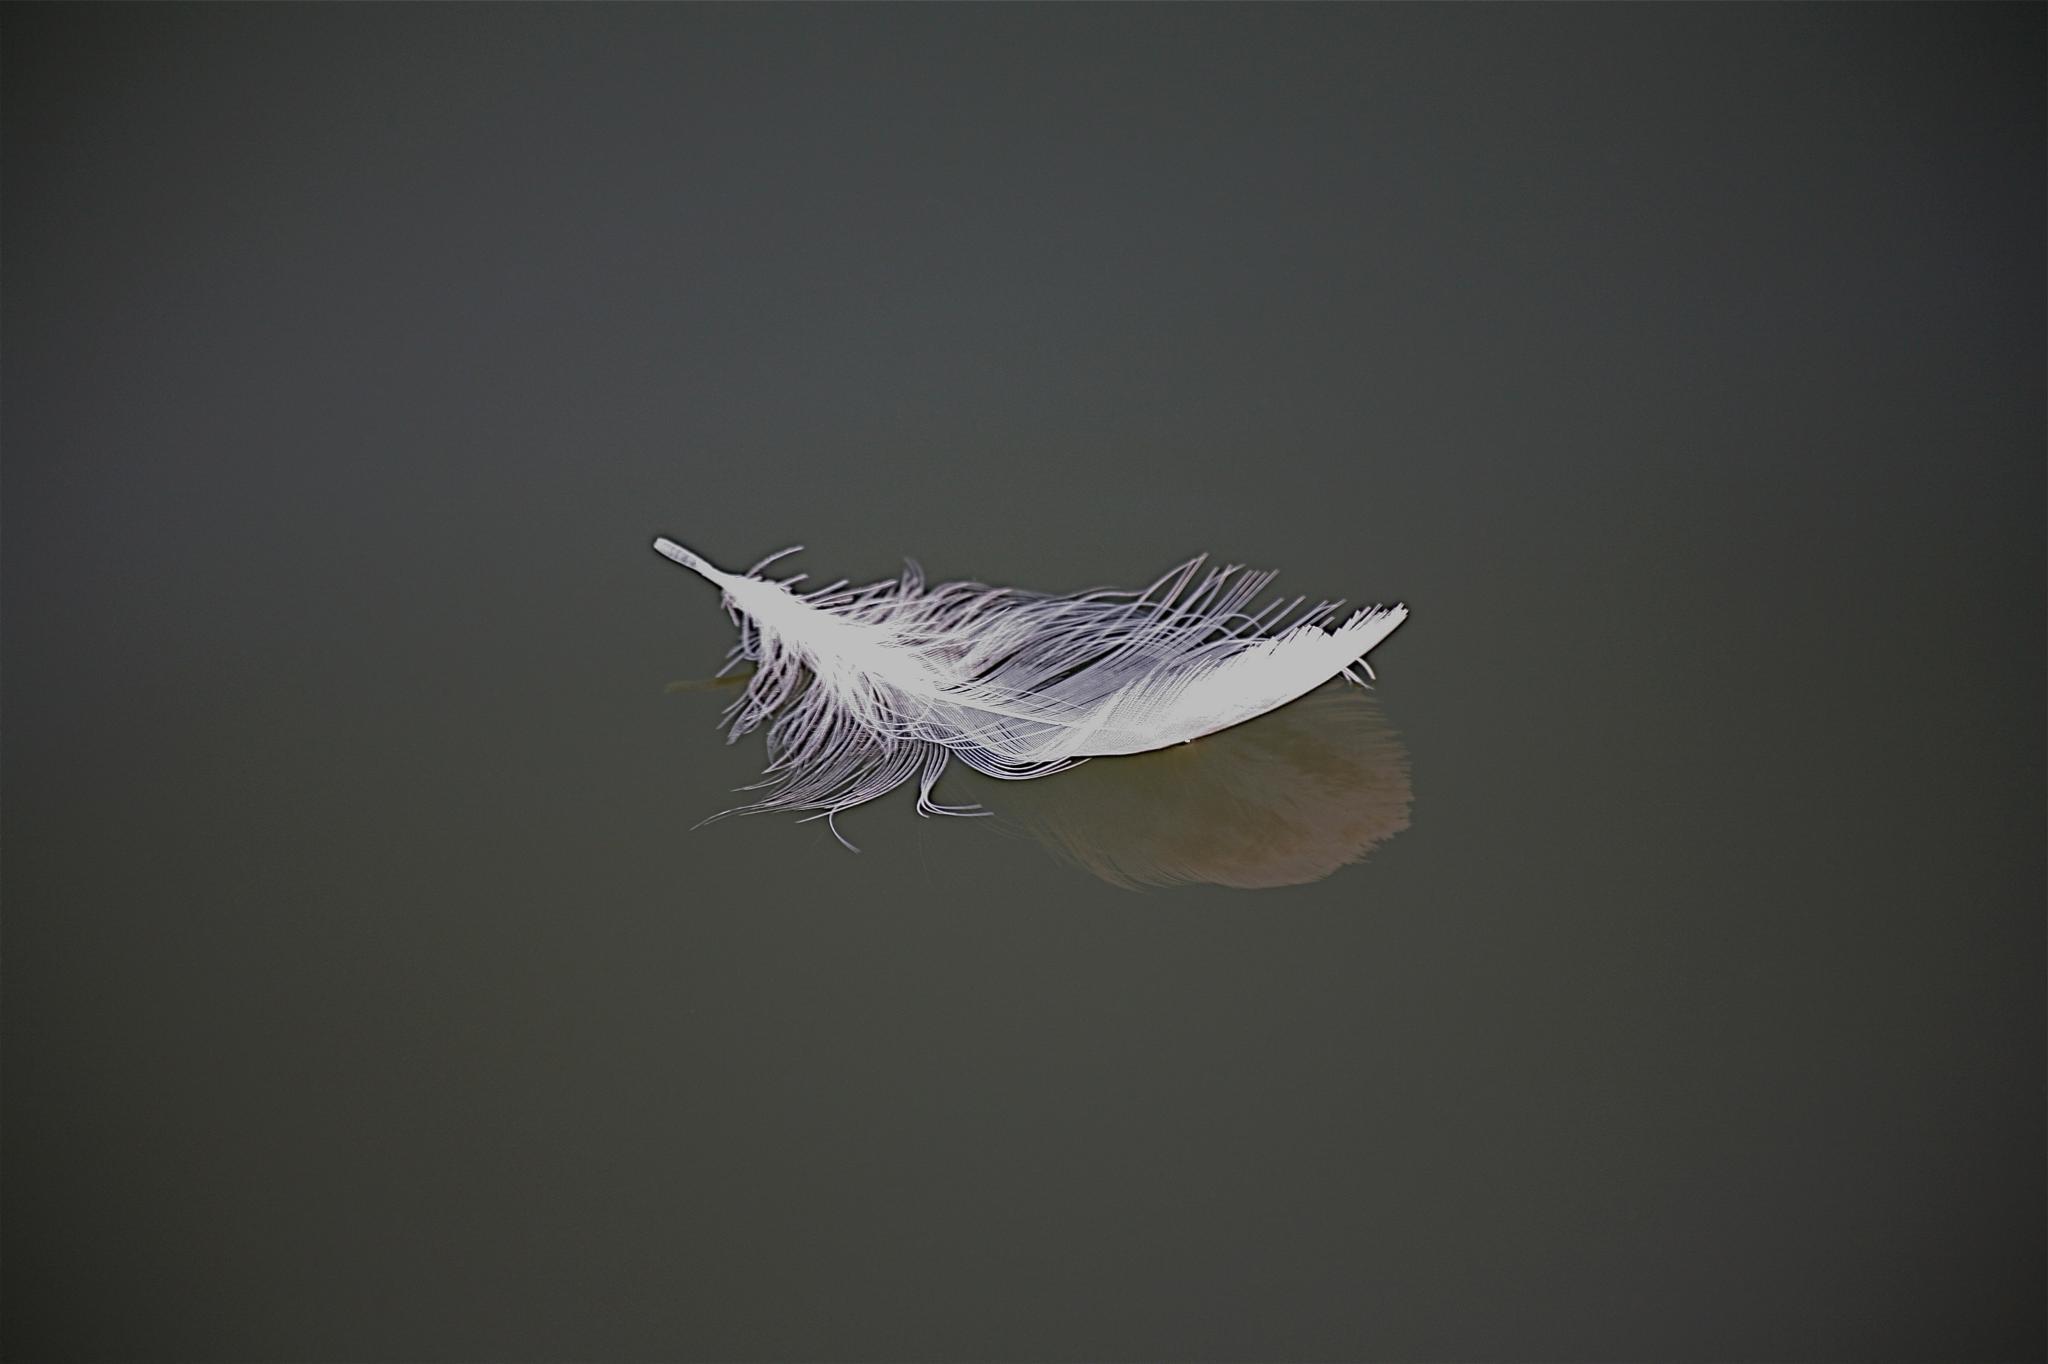 Light As A Feather by Morten Vilhelm Keller